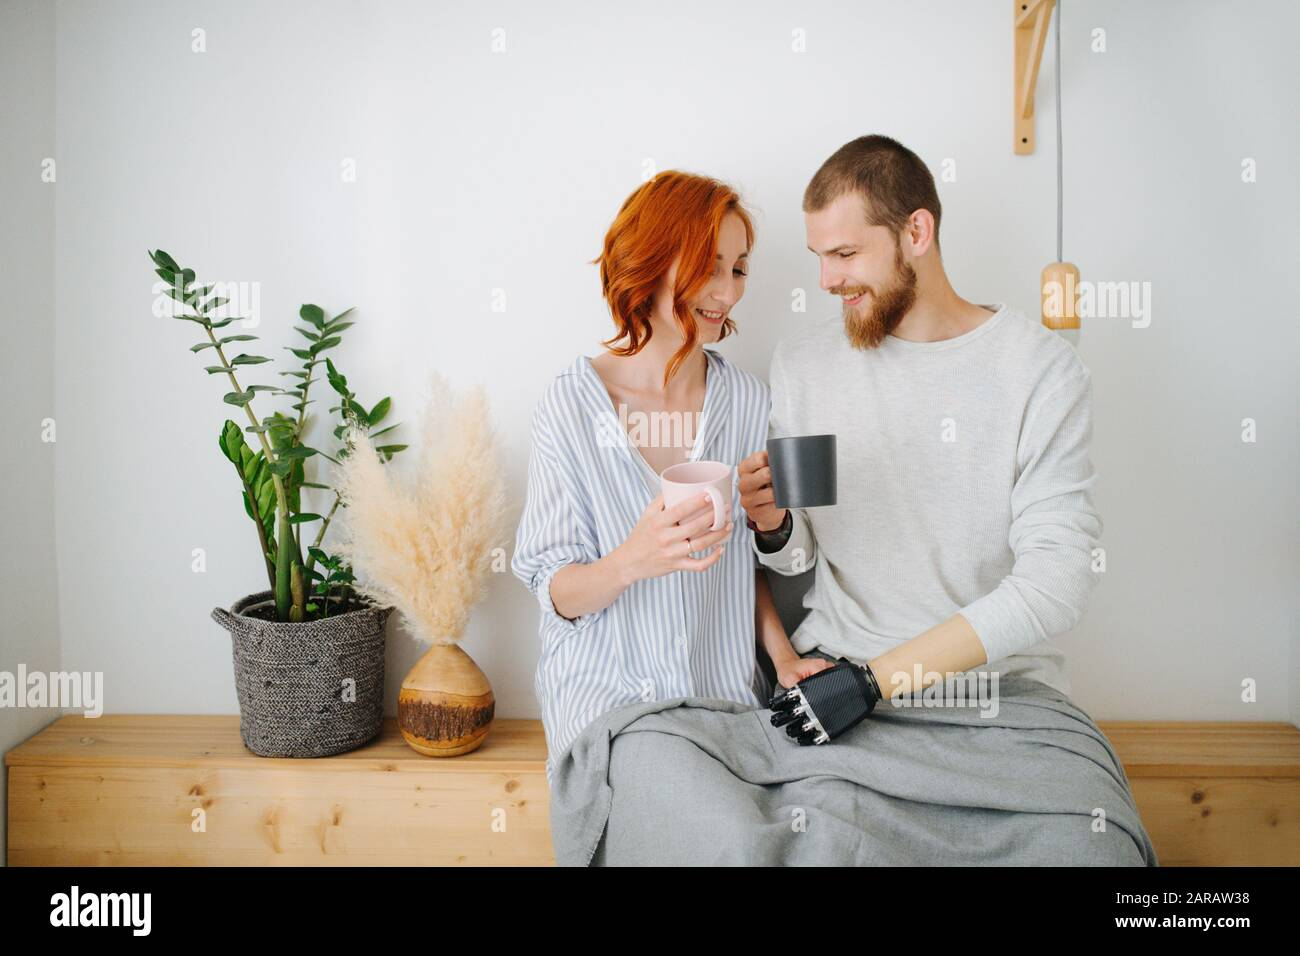 Heureux mari et femme assis ensemble sur une étagère, boire du café à la maison. Banque D'Images